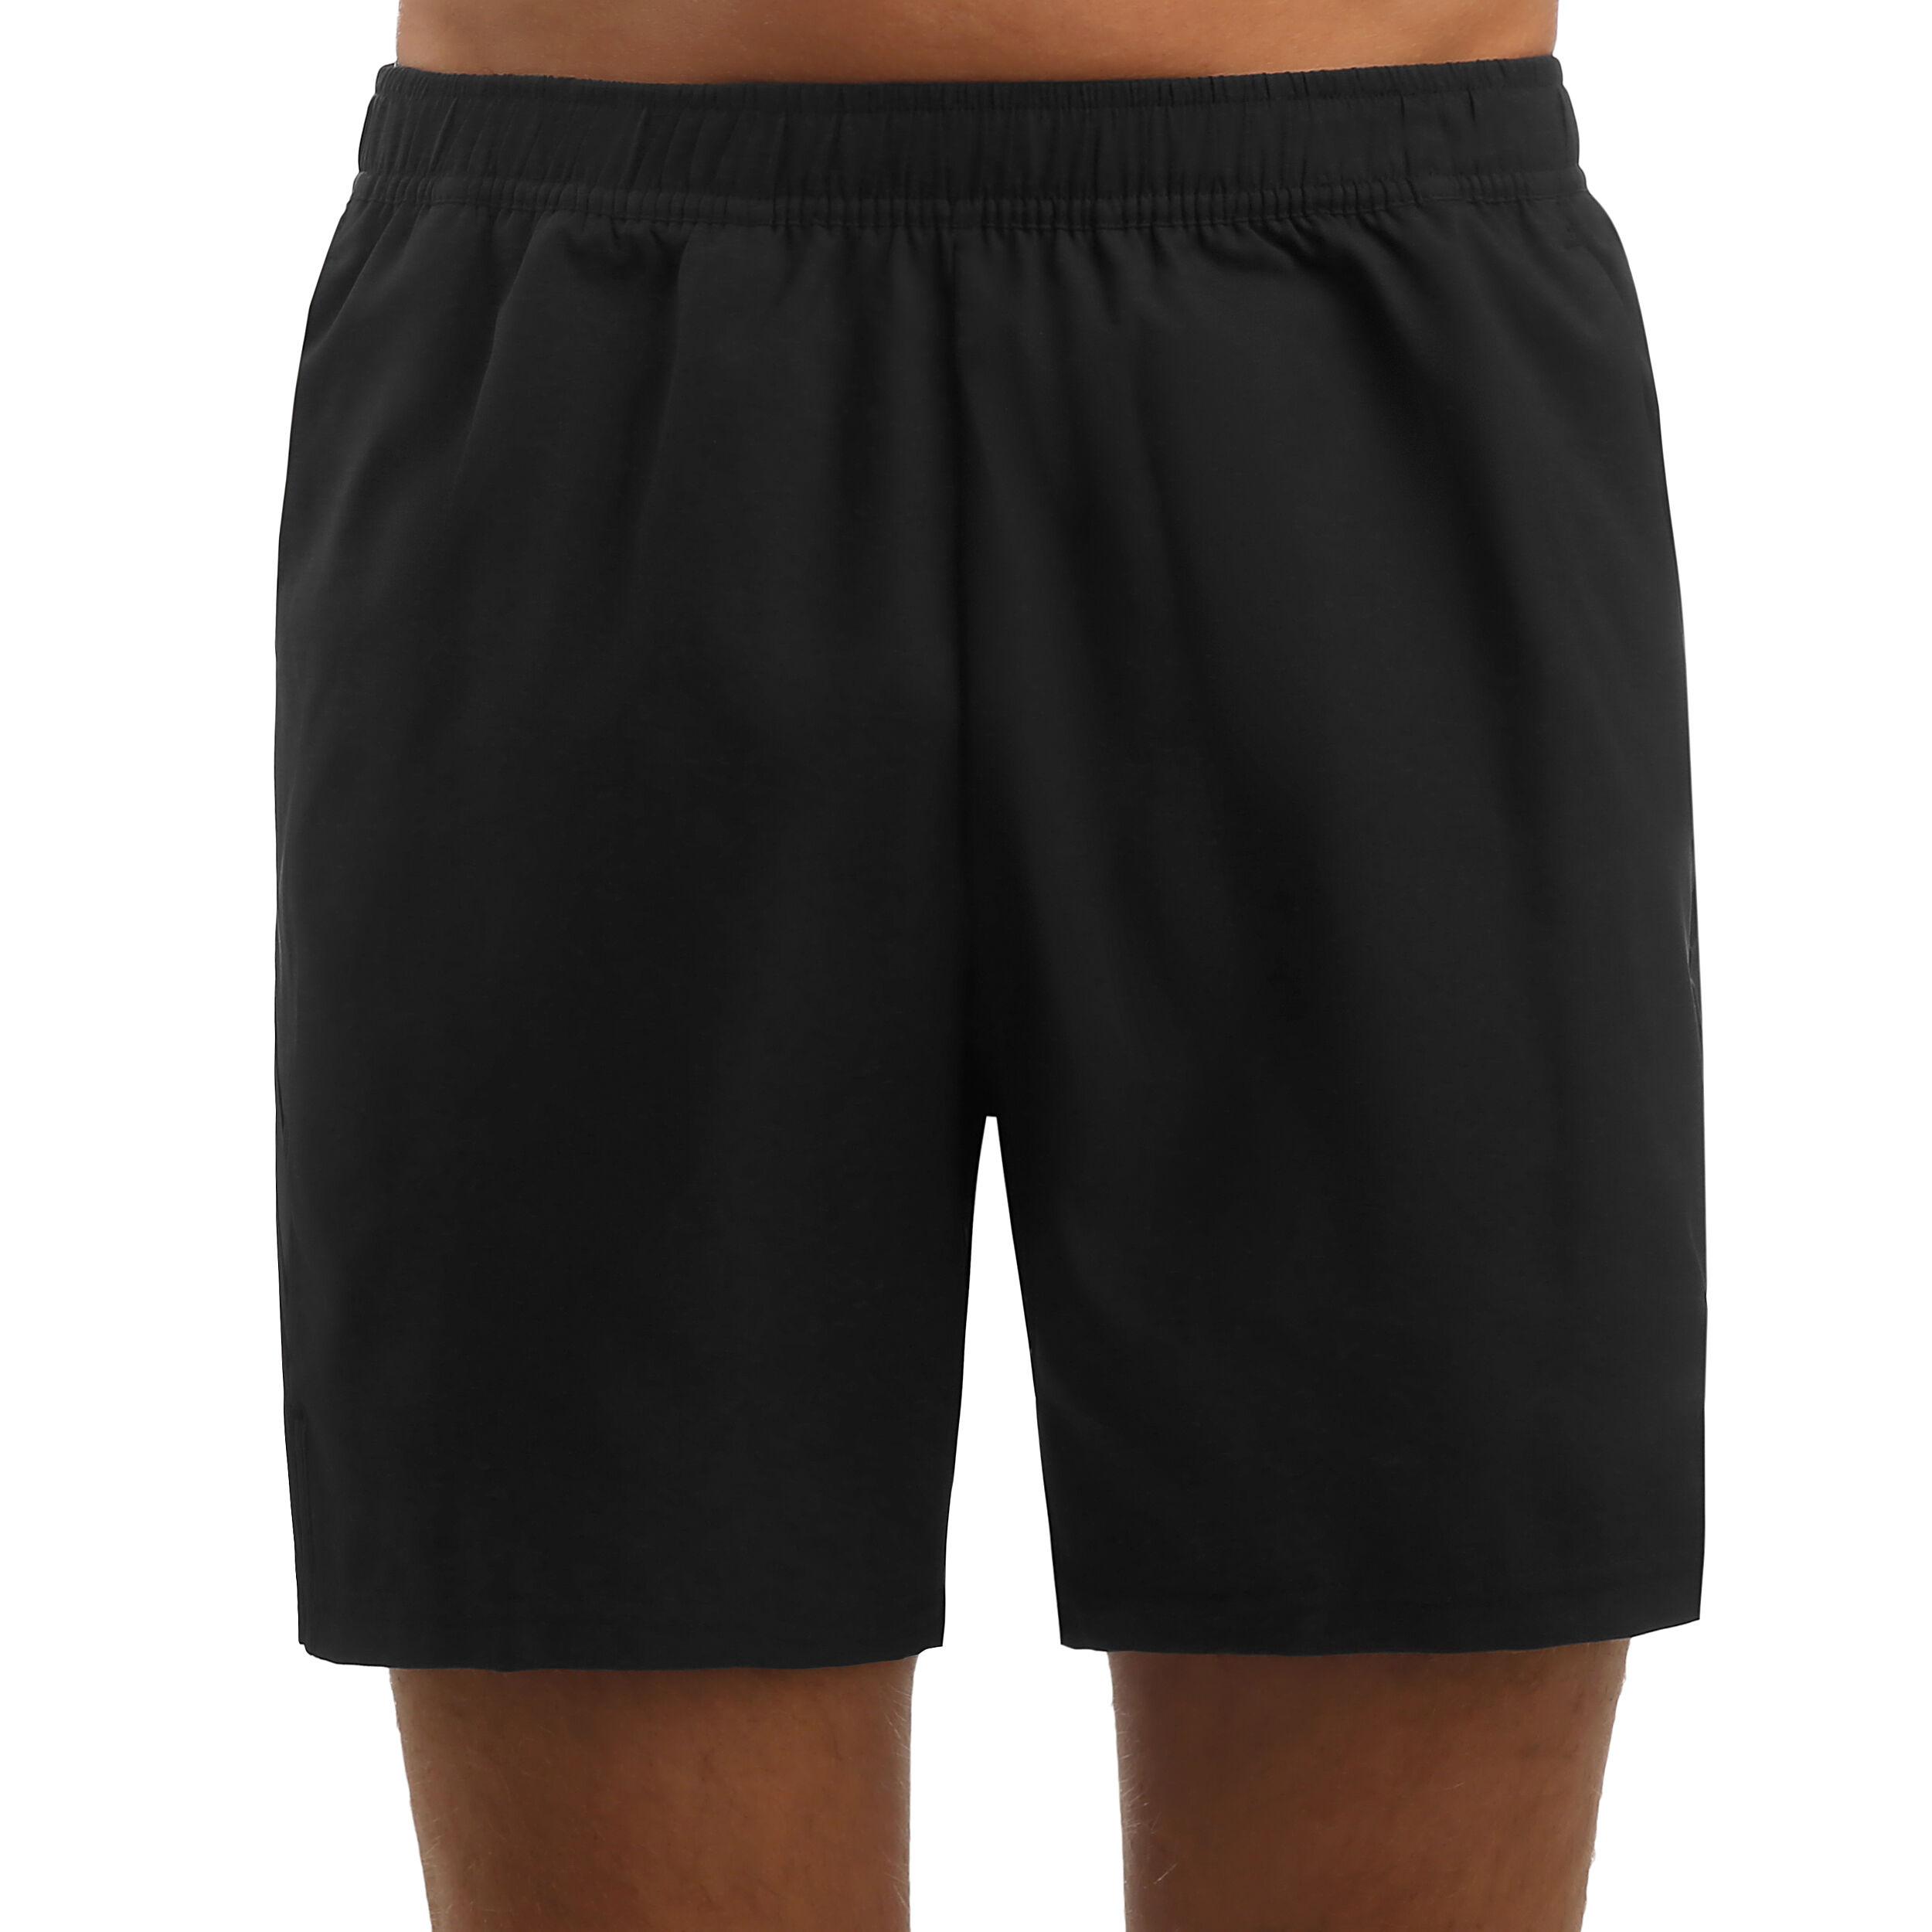 Bambini 2 - 16 anni Abbigliamento e accessori Sergio TACCHINI pantaloni abbigliamento sportivo bambini Pantaloncini da Tennis taglia 116-140 tempo libero